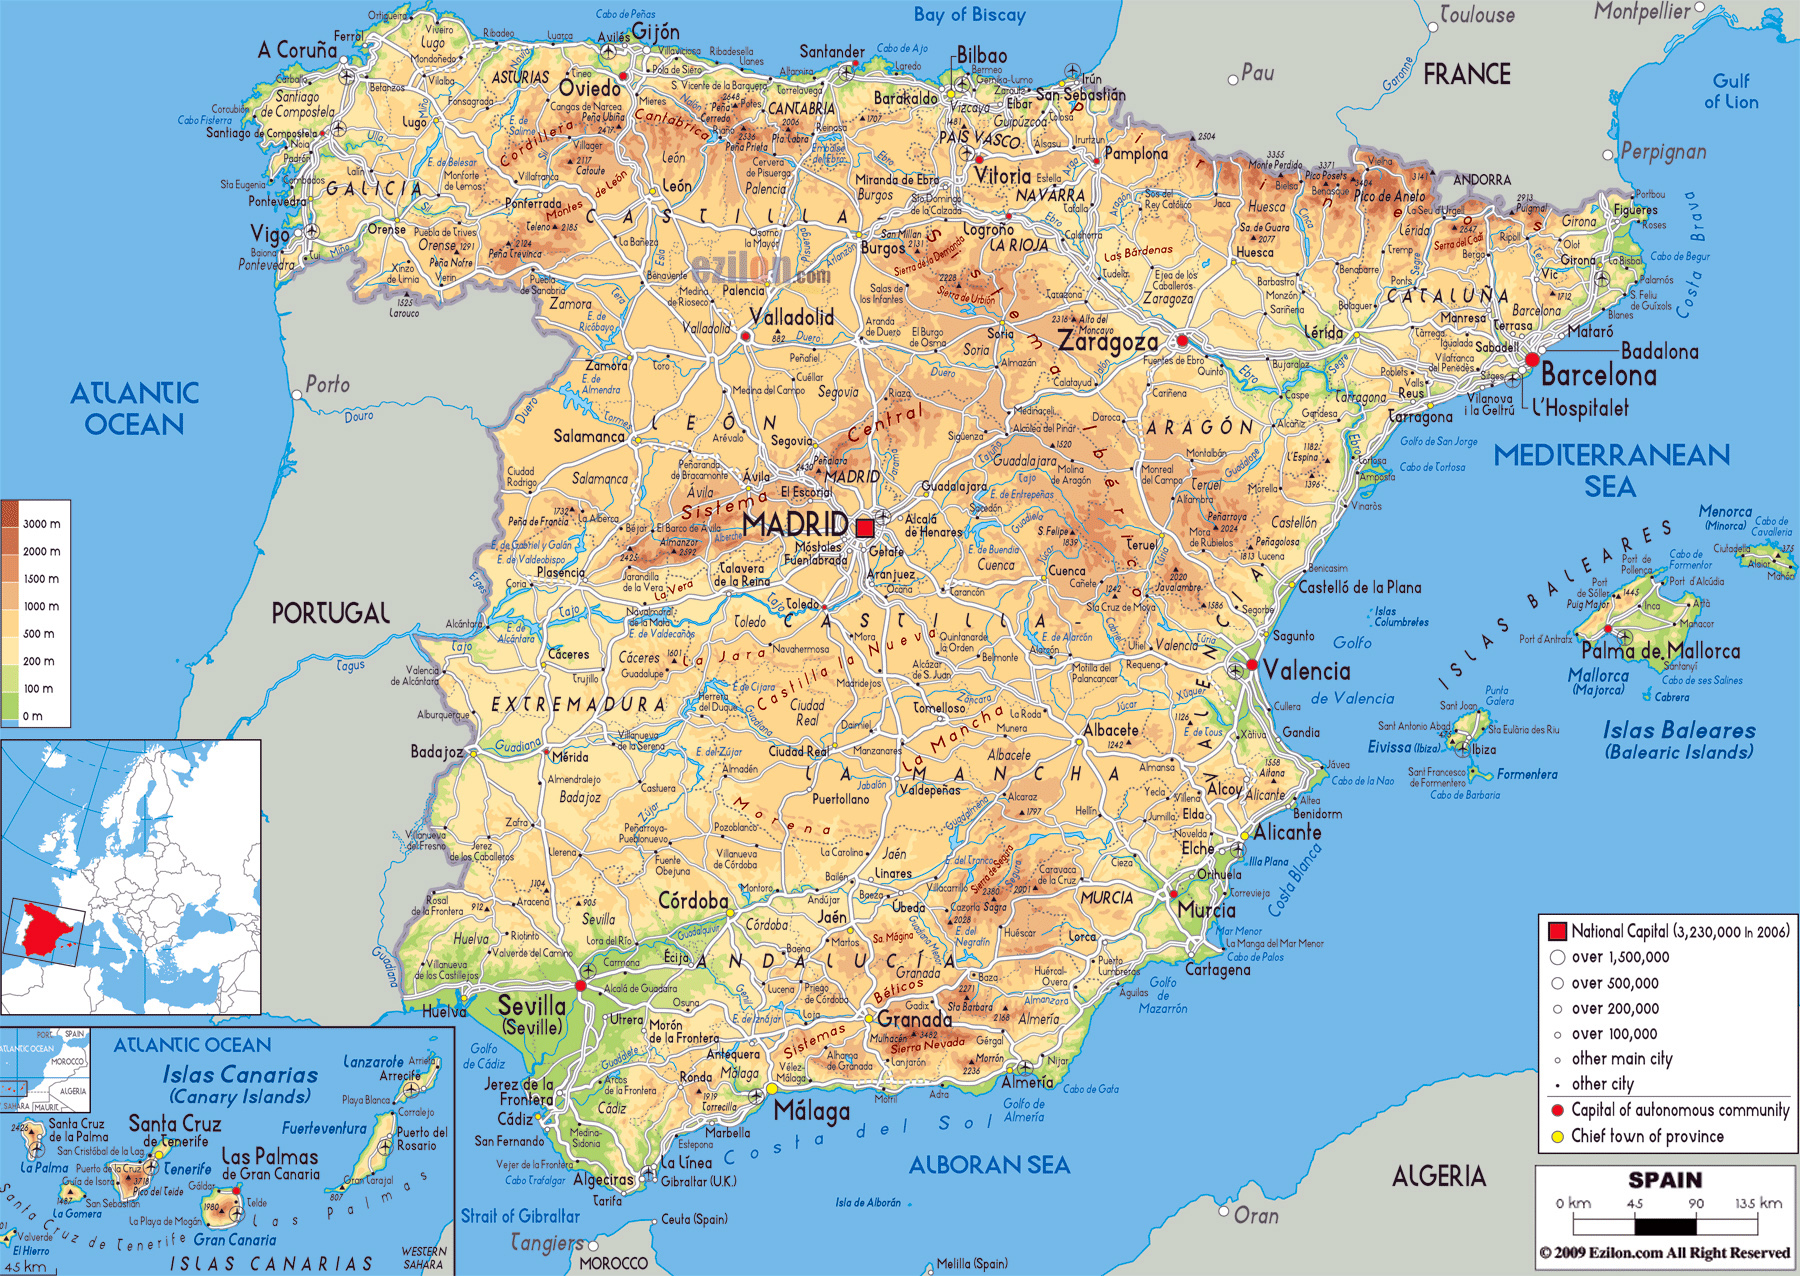 Aeropuertos En España Mapa.Grande Mapa Fisico De Espana Con Carreteras Ciudades Y